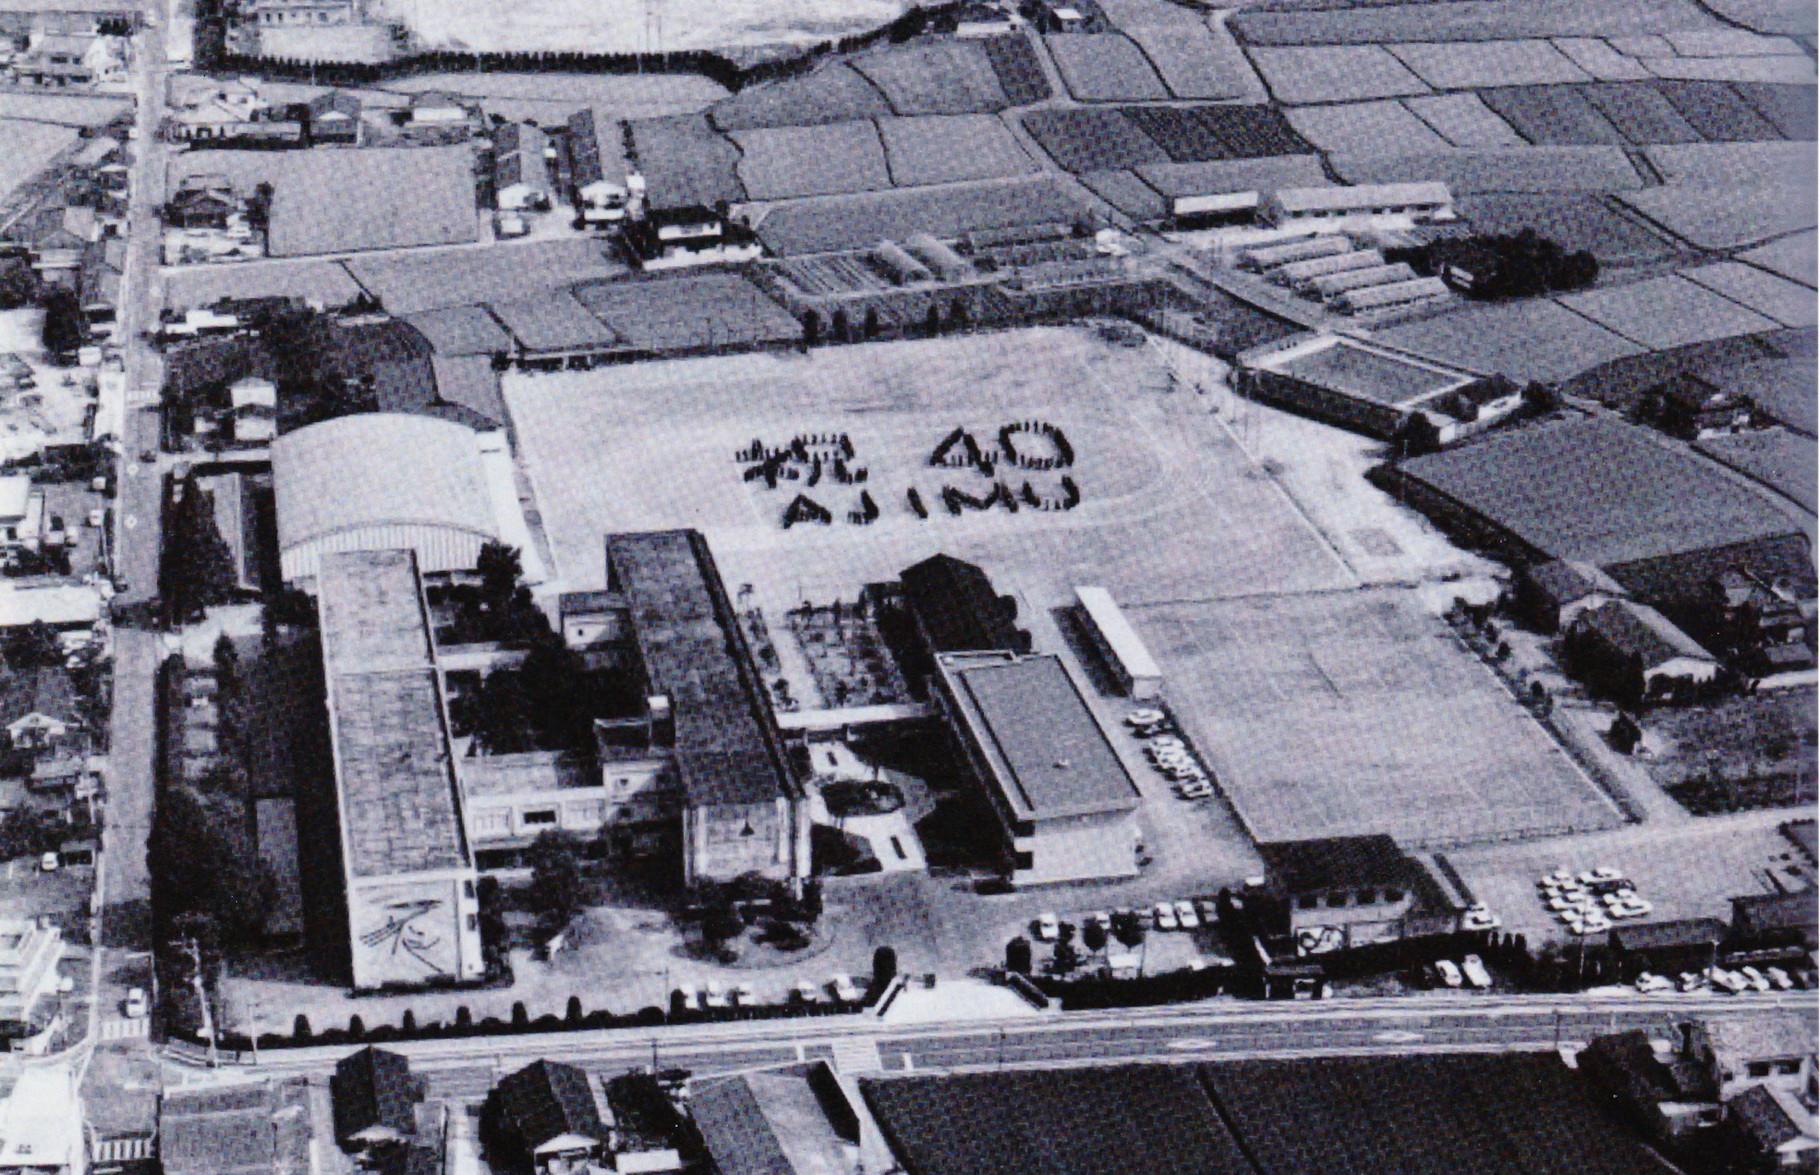 安心院高校校舎全景 昭和61年